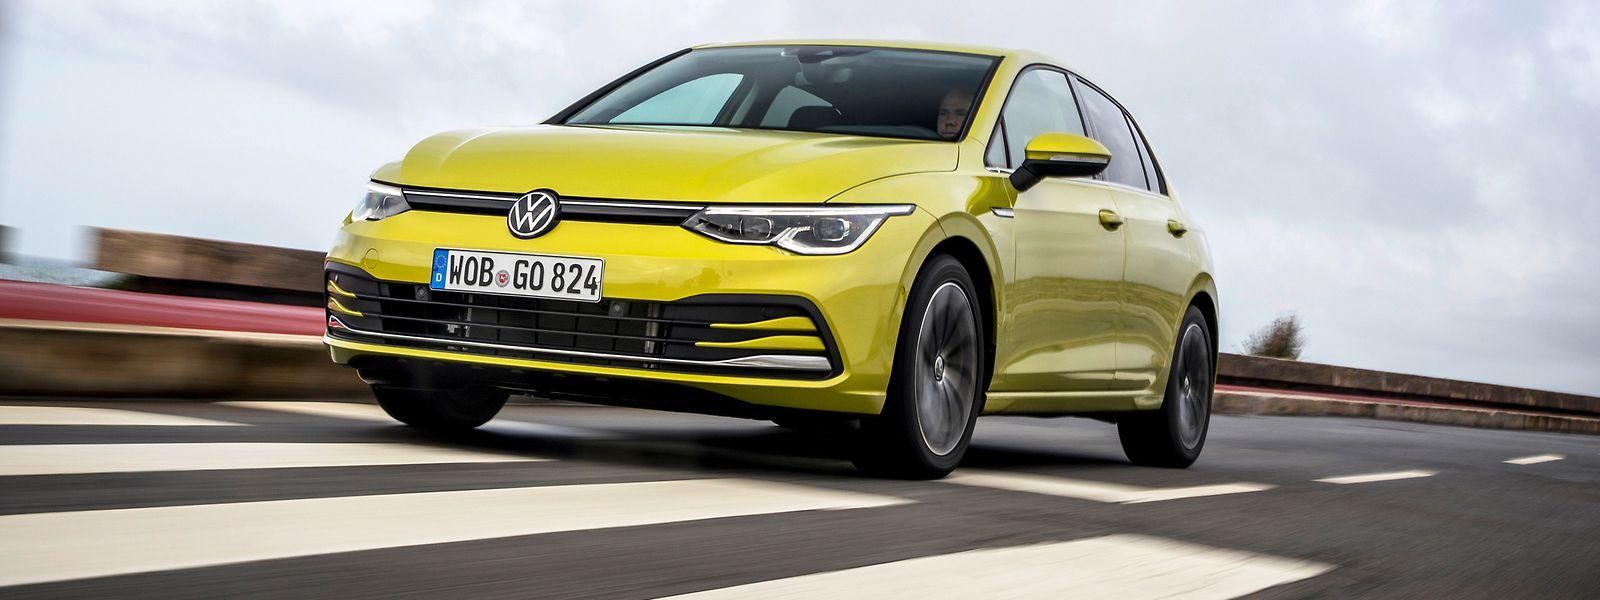 Dem Original verpflichtet: Volkswagen verzichtet auch bei der achten Golf-Generation auf Designexperimente.